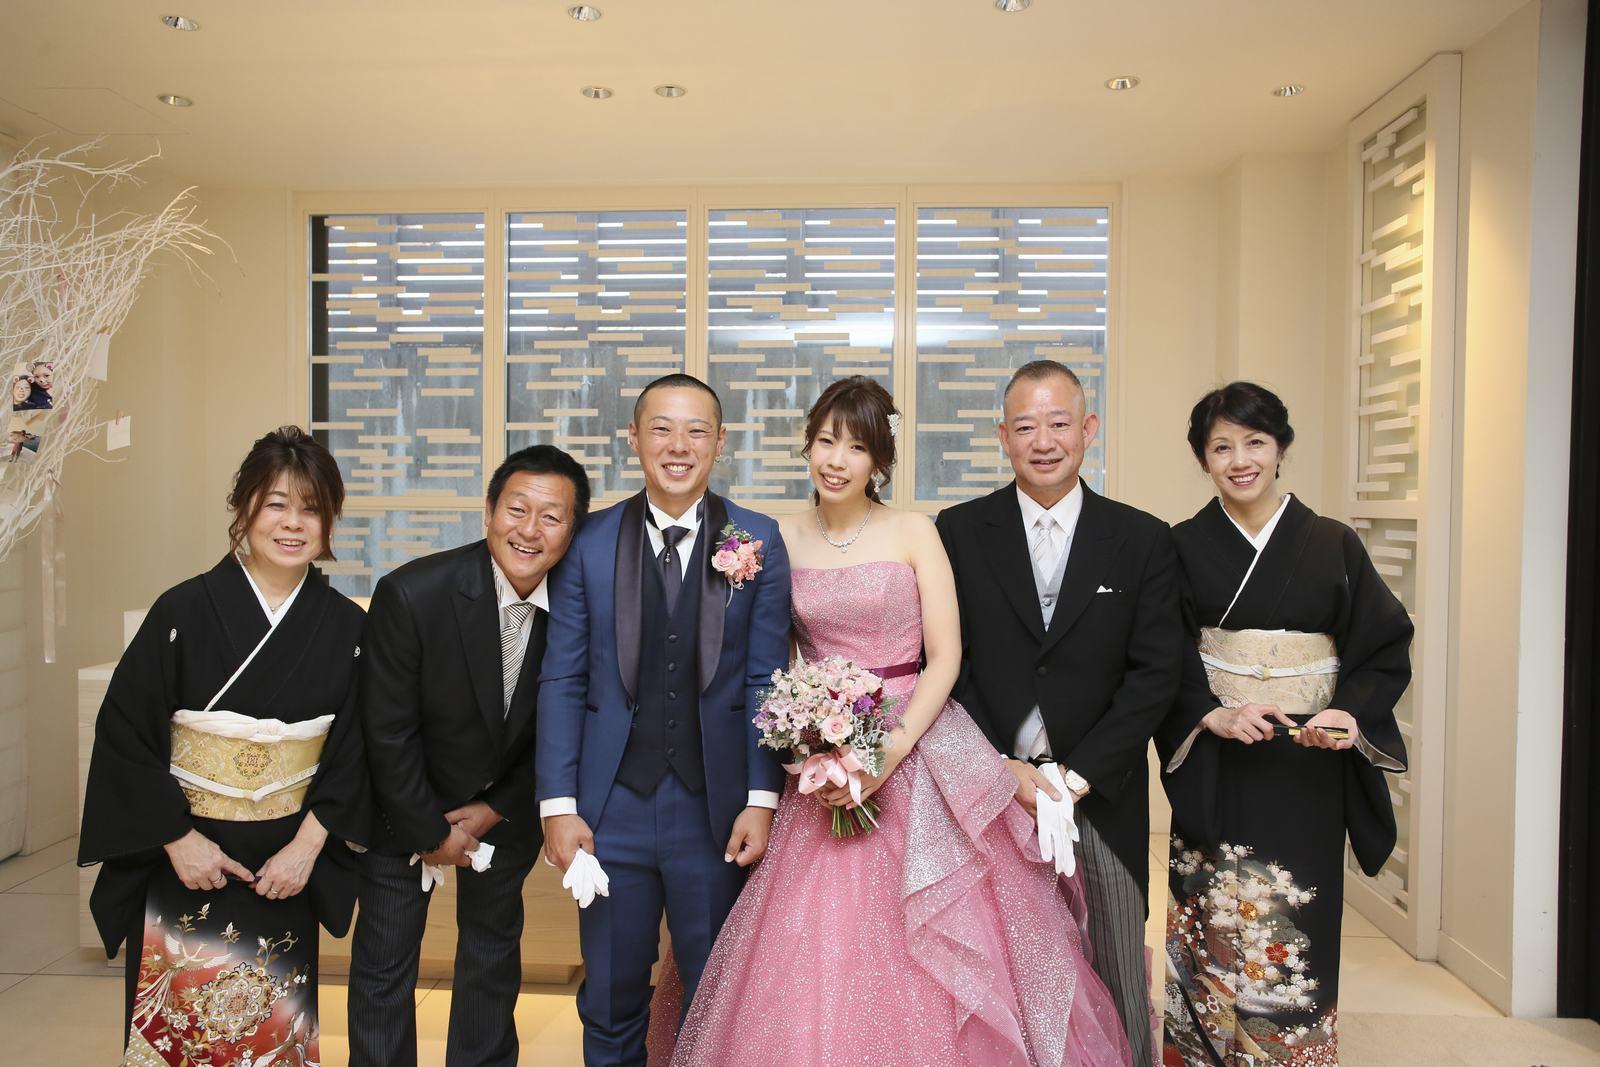 高松市の結婚式場アイルバレクラブ 家族写真